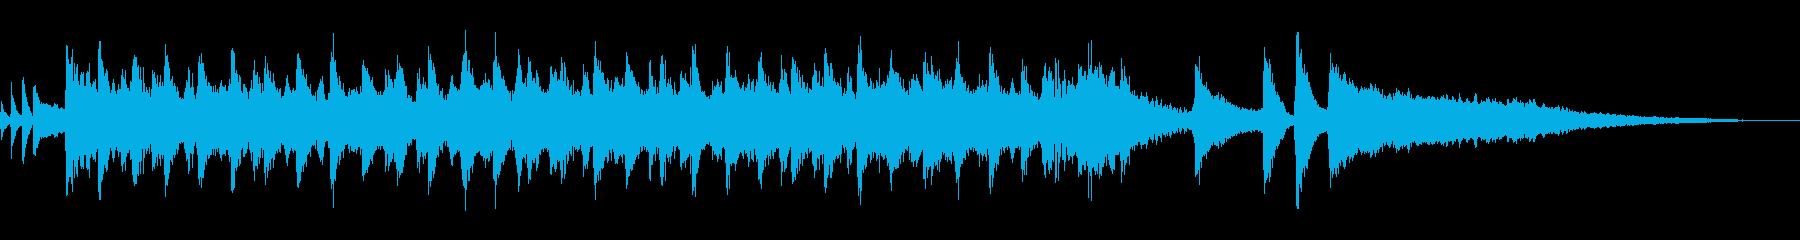 コーラス/明るい・楽しいポップBGM短尺の再生済みの波形